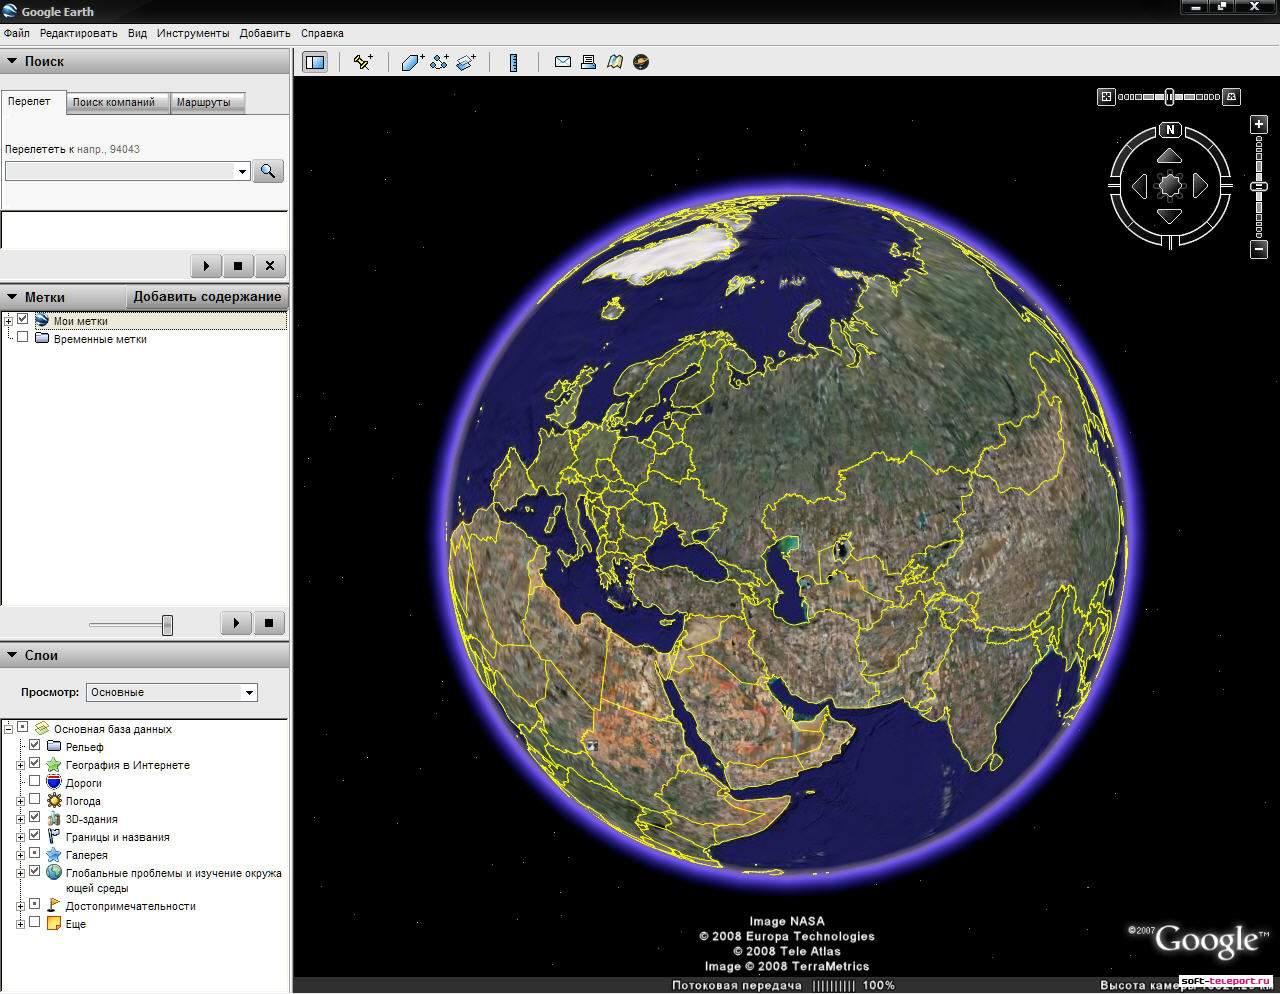 Скачать программу google earth бесплатно